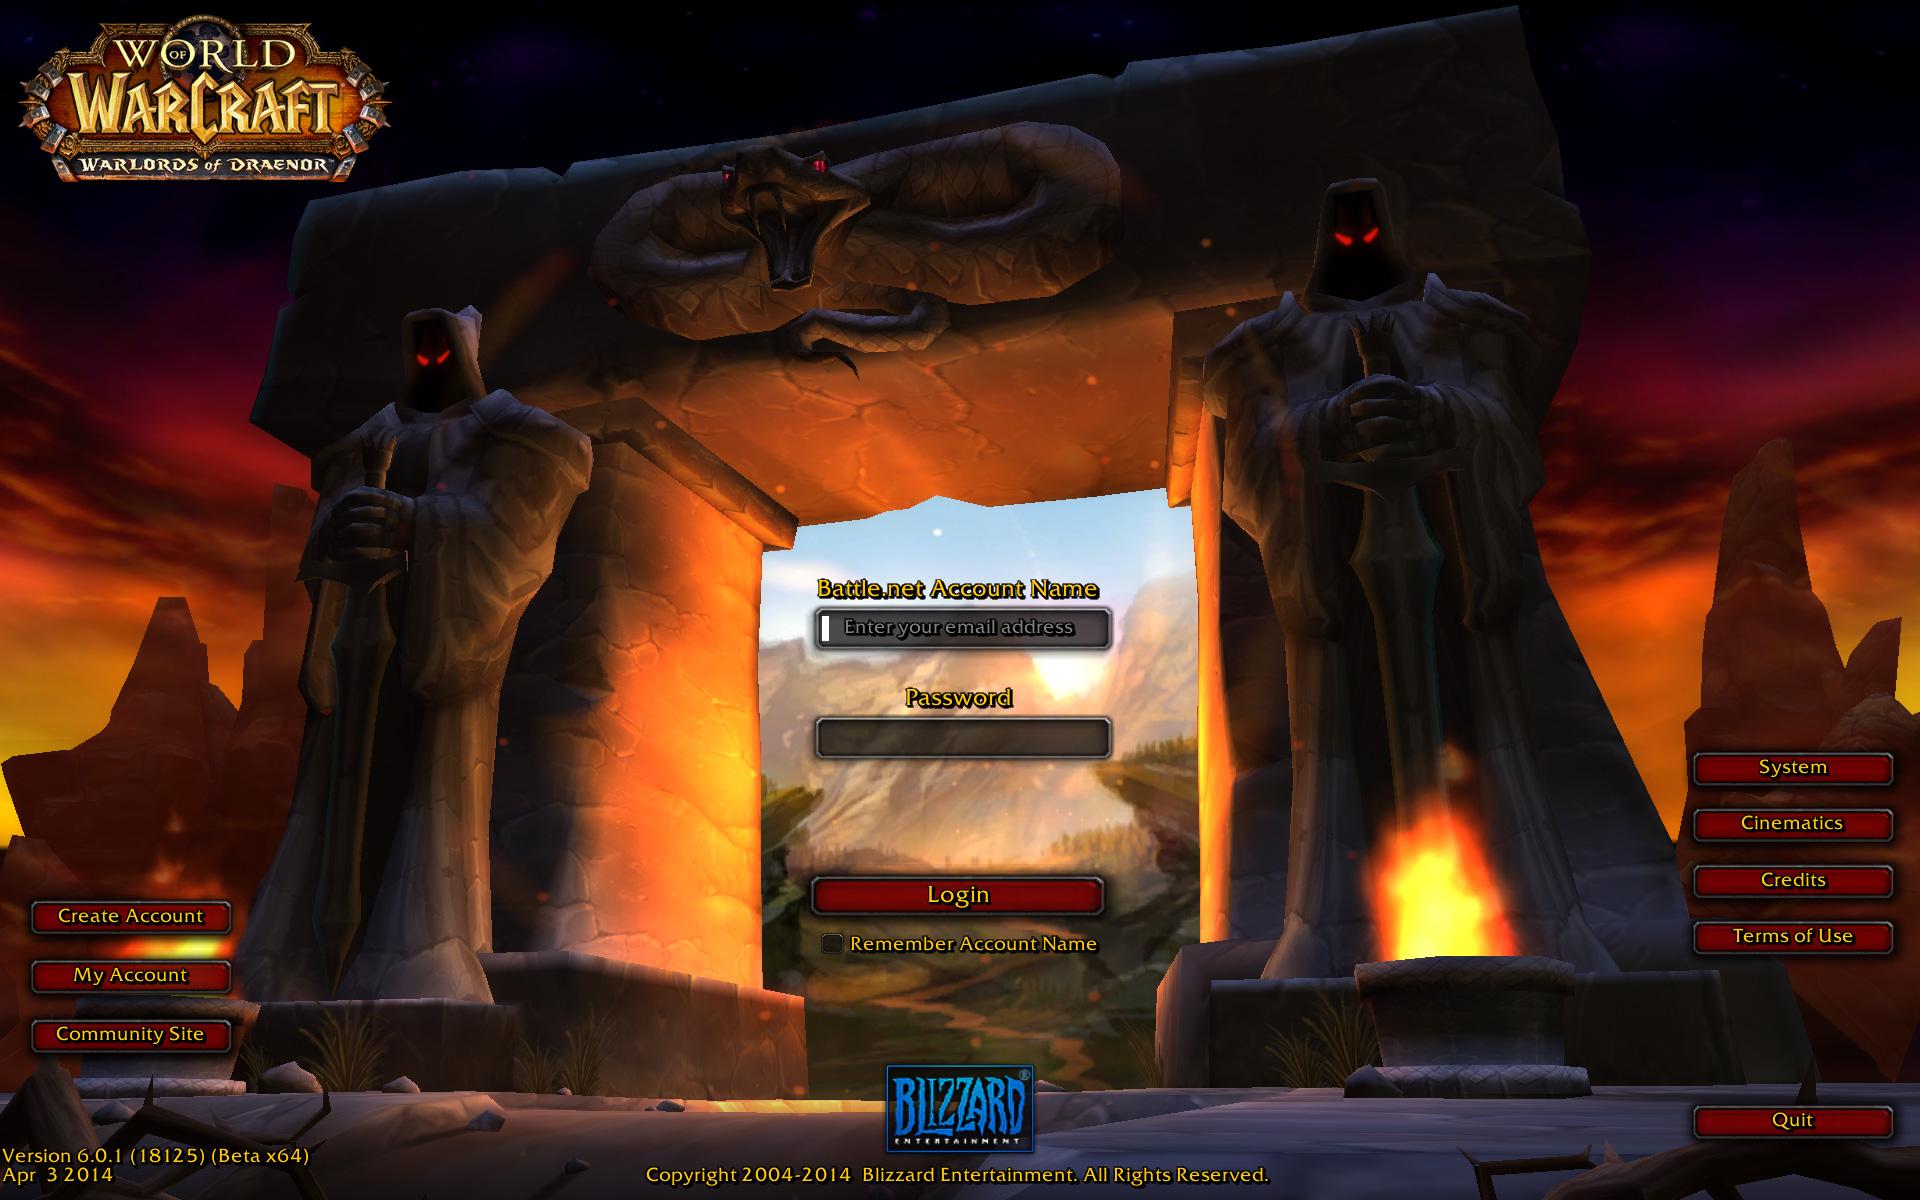 World Of Warcraft Burning Crusade Login Screen Download